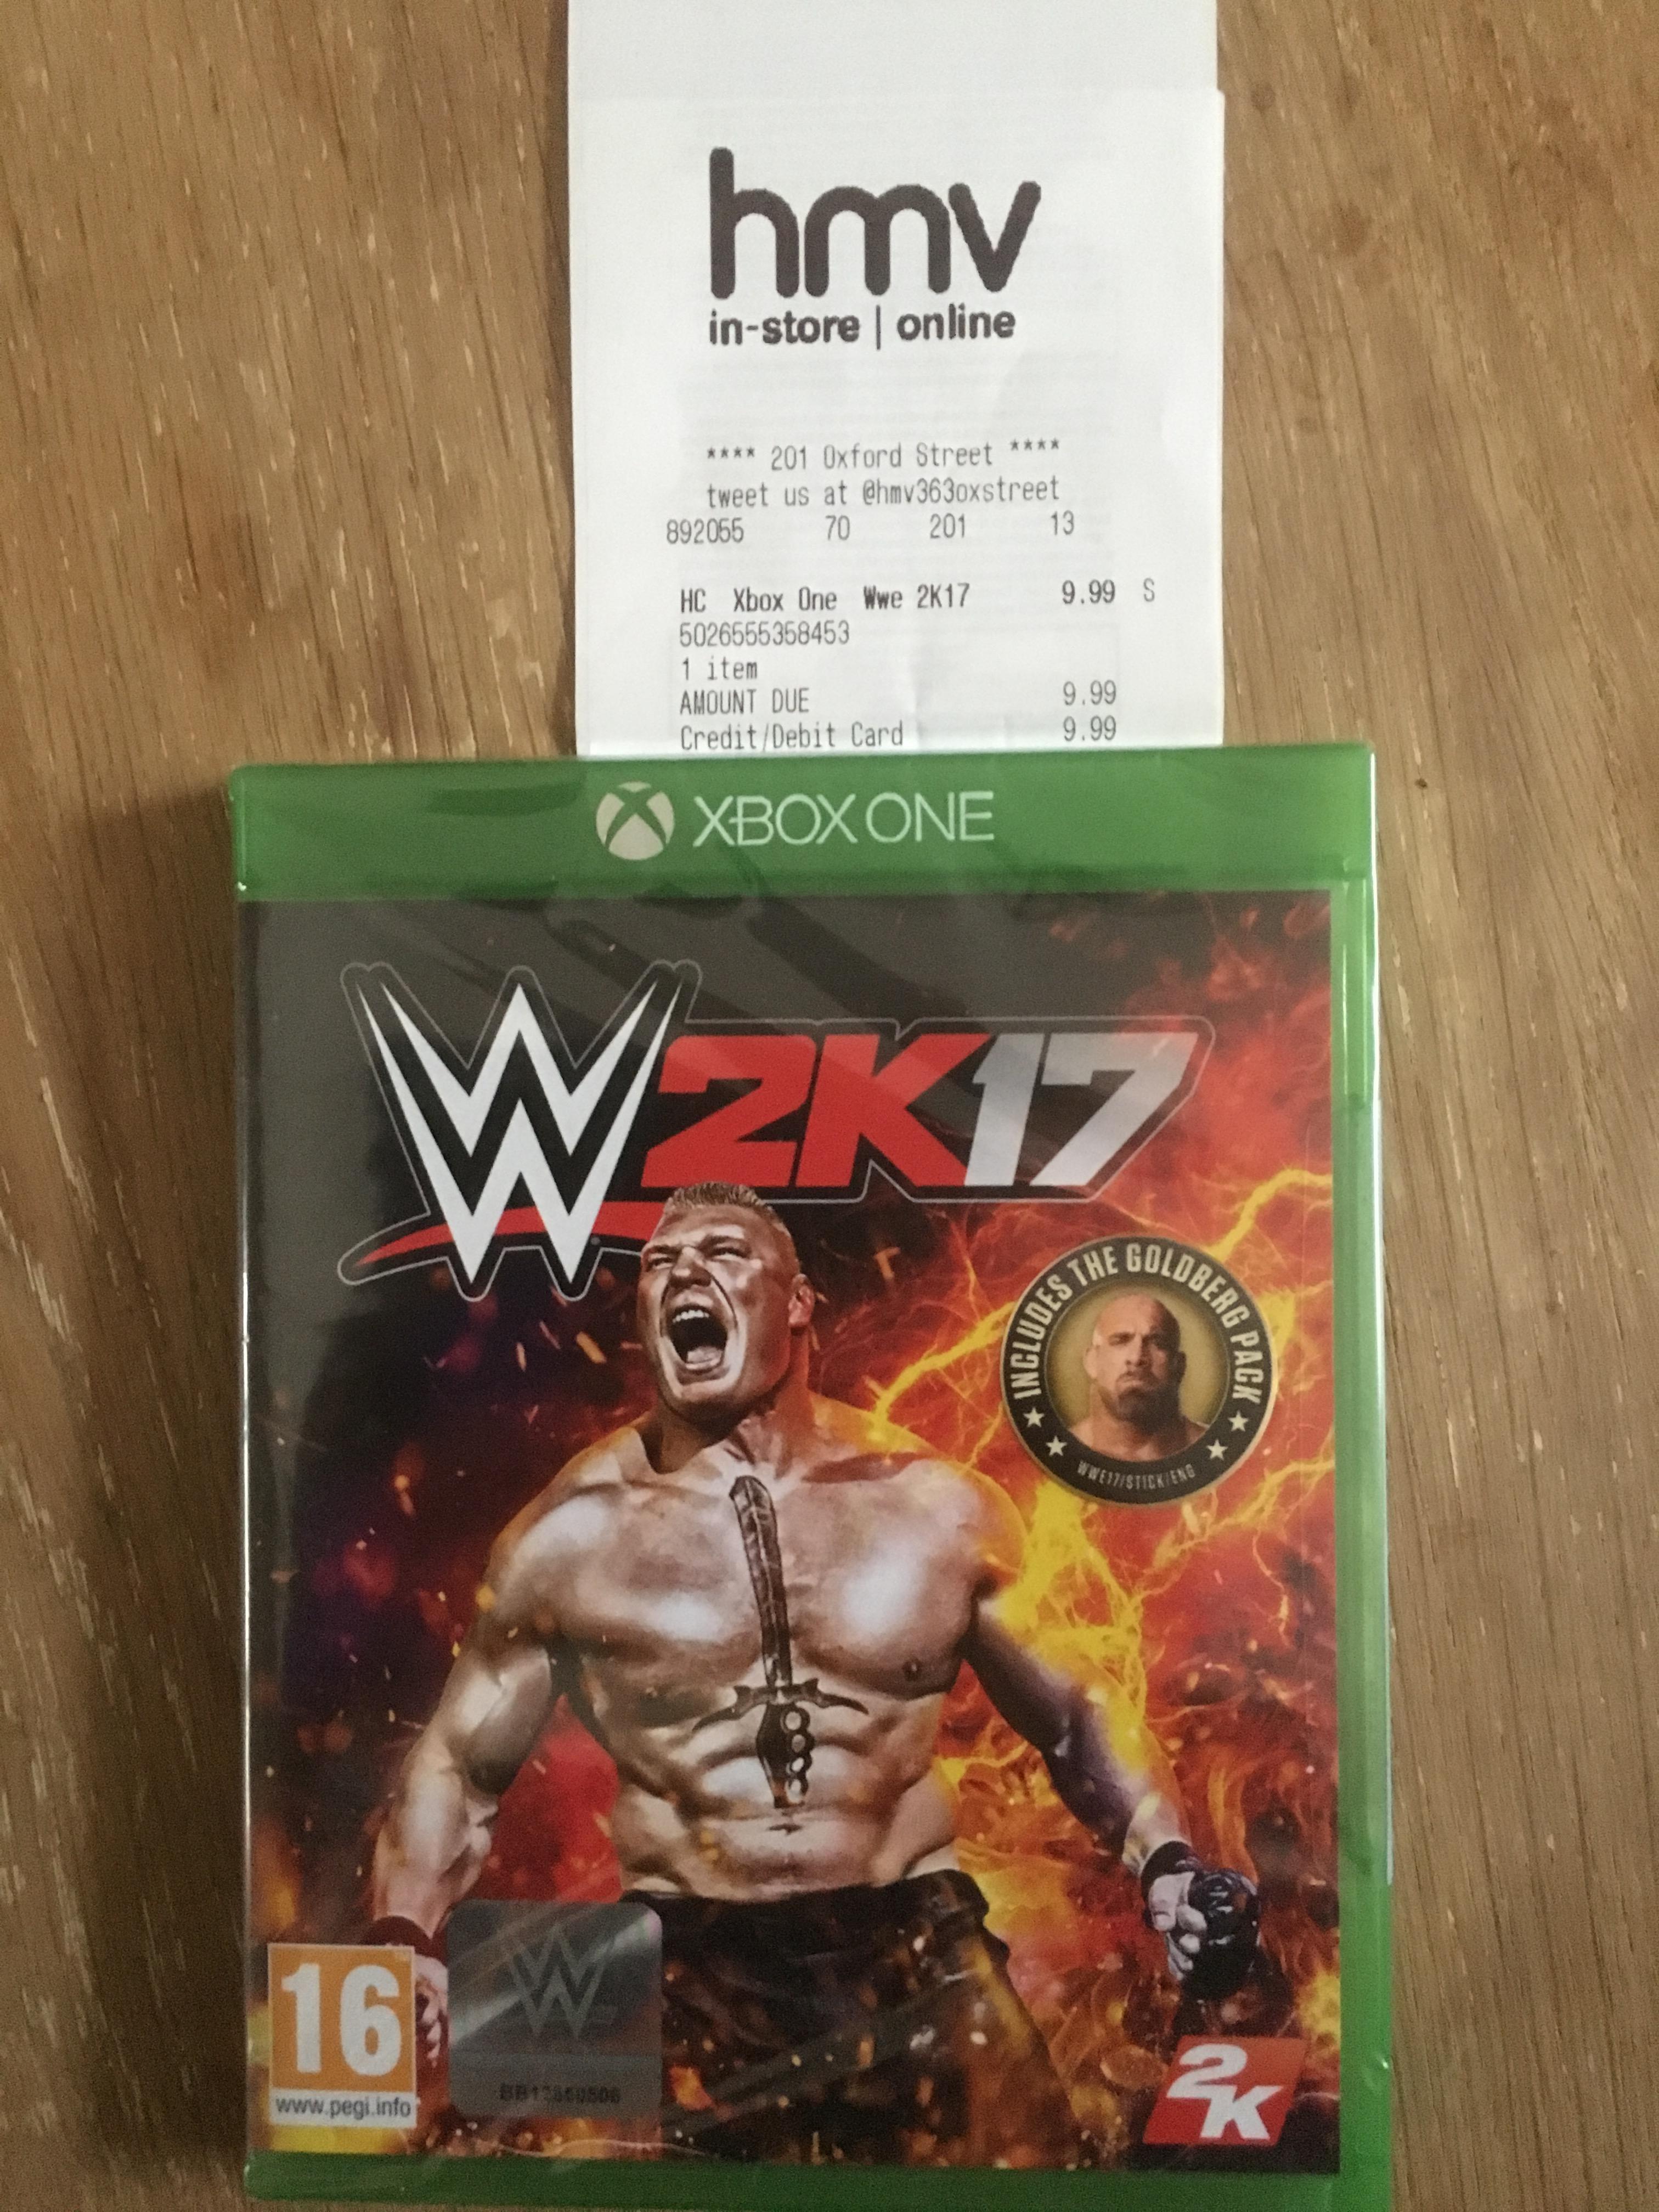 WWE 2K17 - Xbox One - £9.99 - HMV Oxford Street